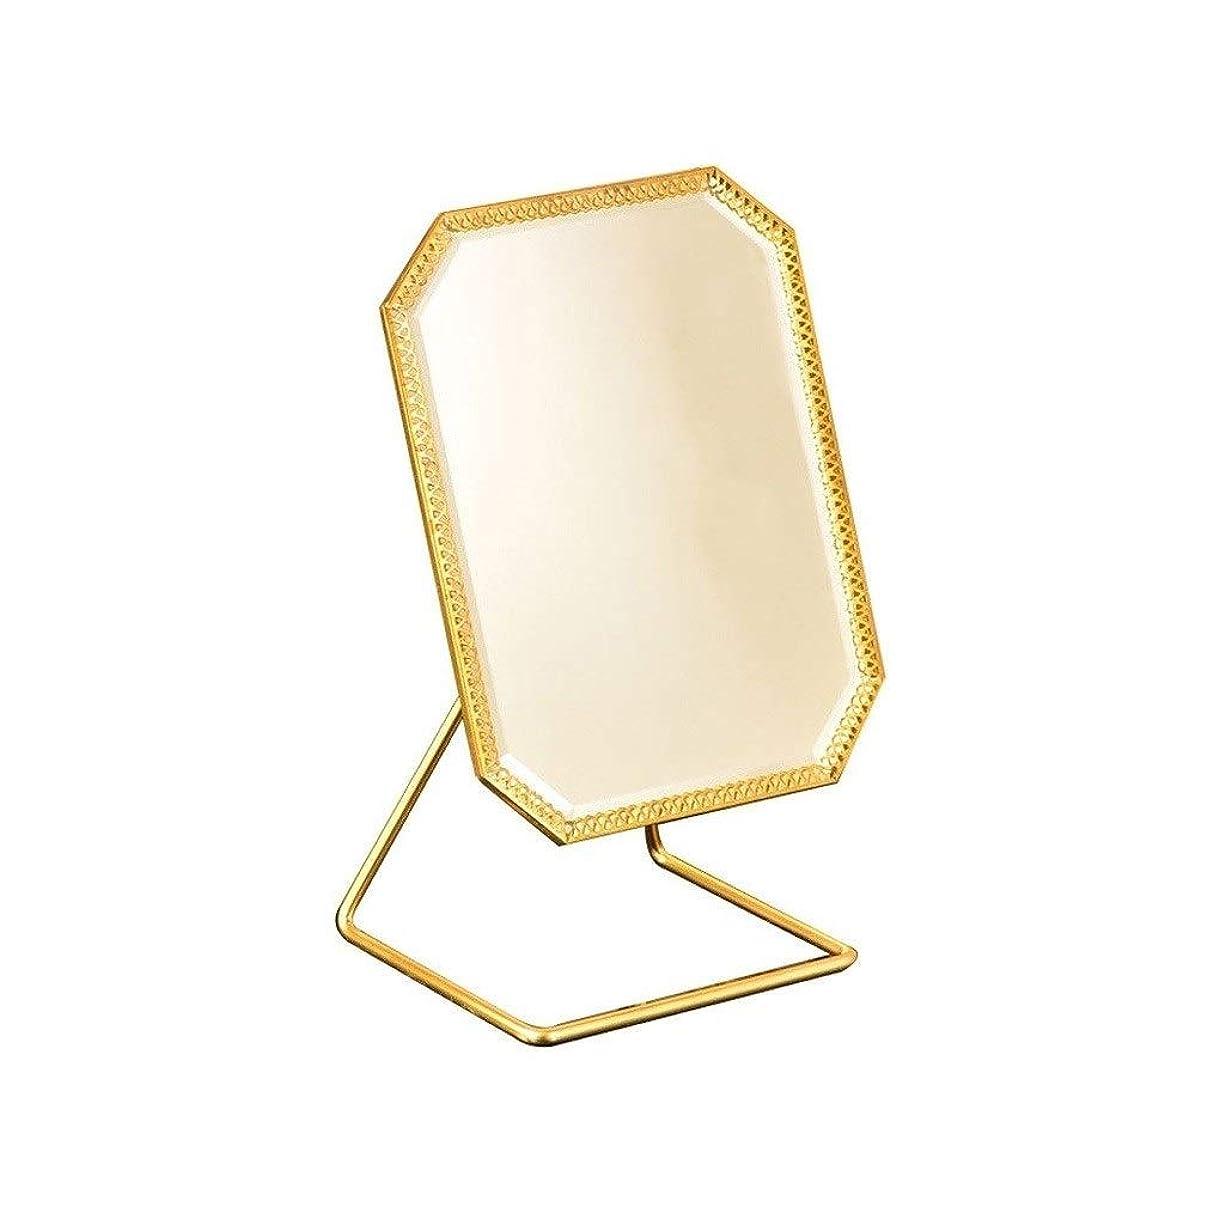 先駆者間接的適用する化粧鏡 メイクアップミラーシングルは、バニティミラーヴィンテージ180°回転メタル化粧鏡ラウンドビューティミラーシャンパンゴールドを両面